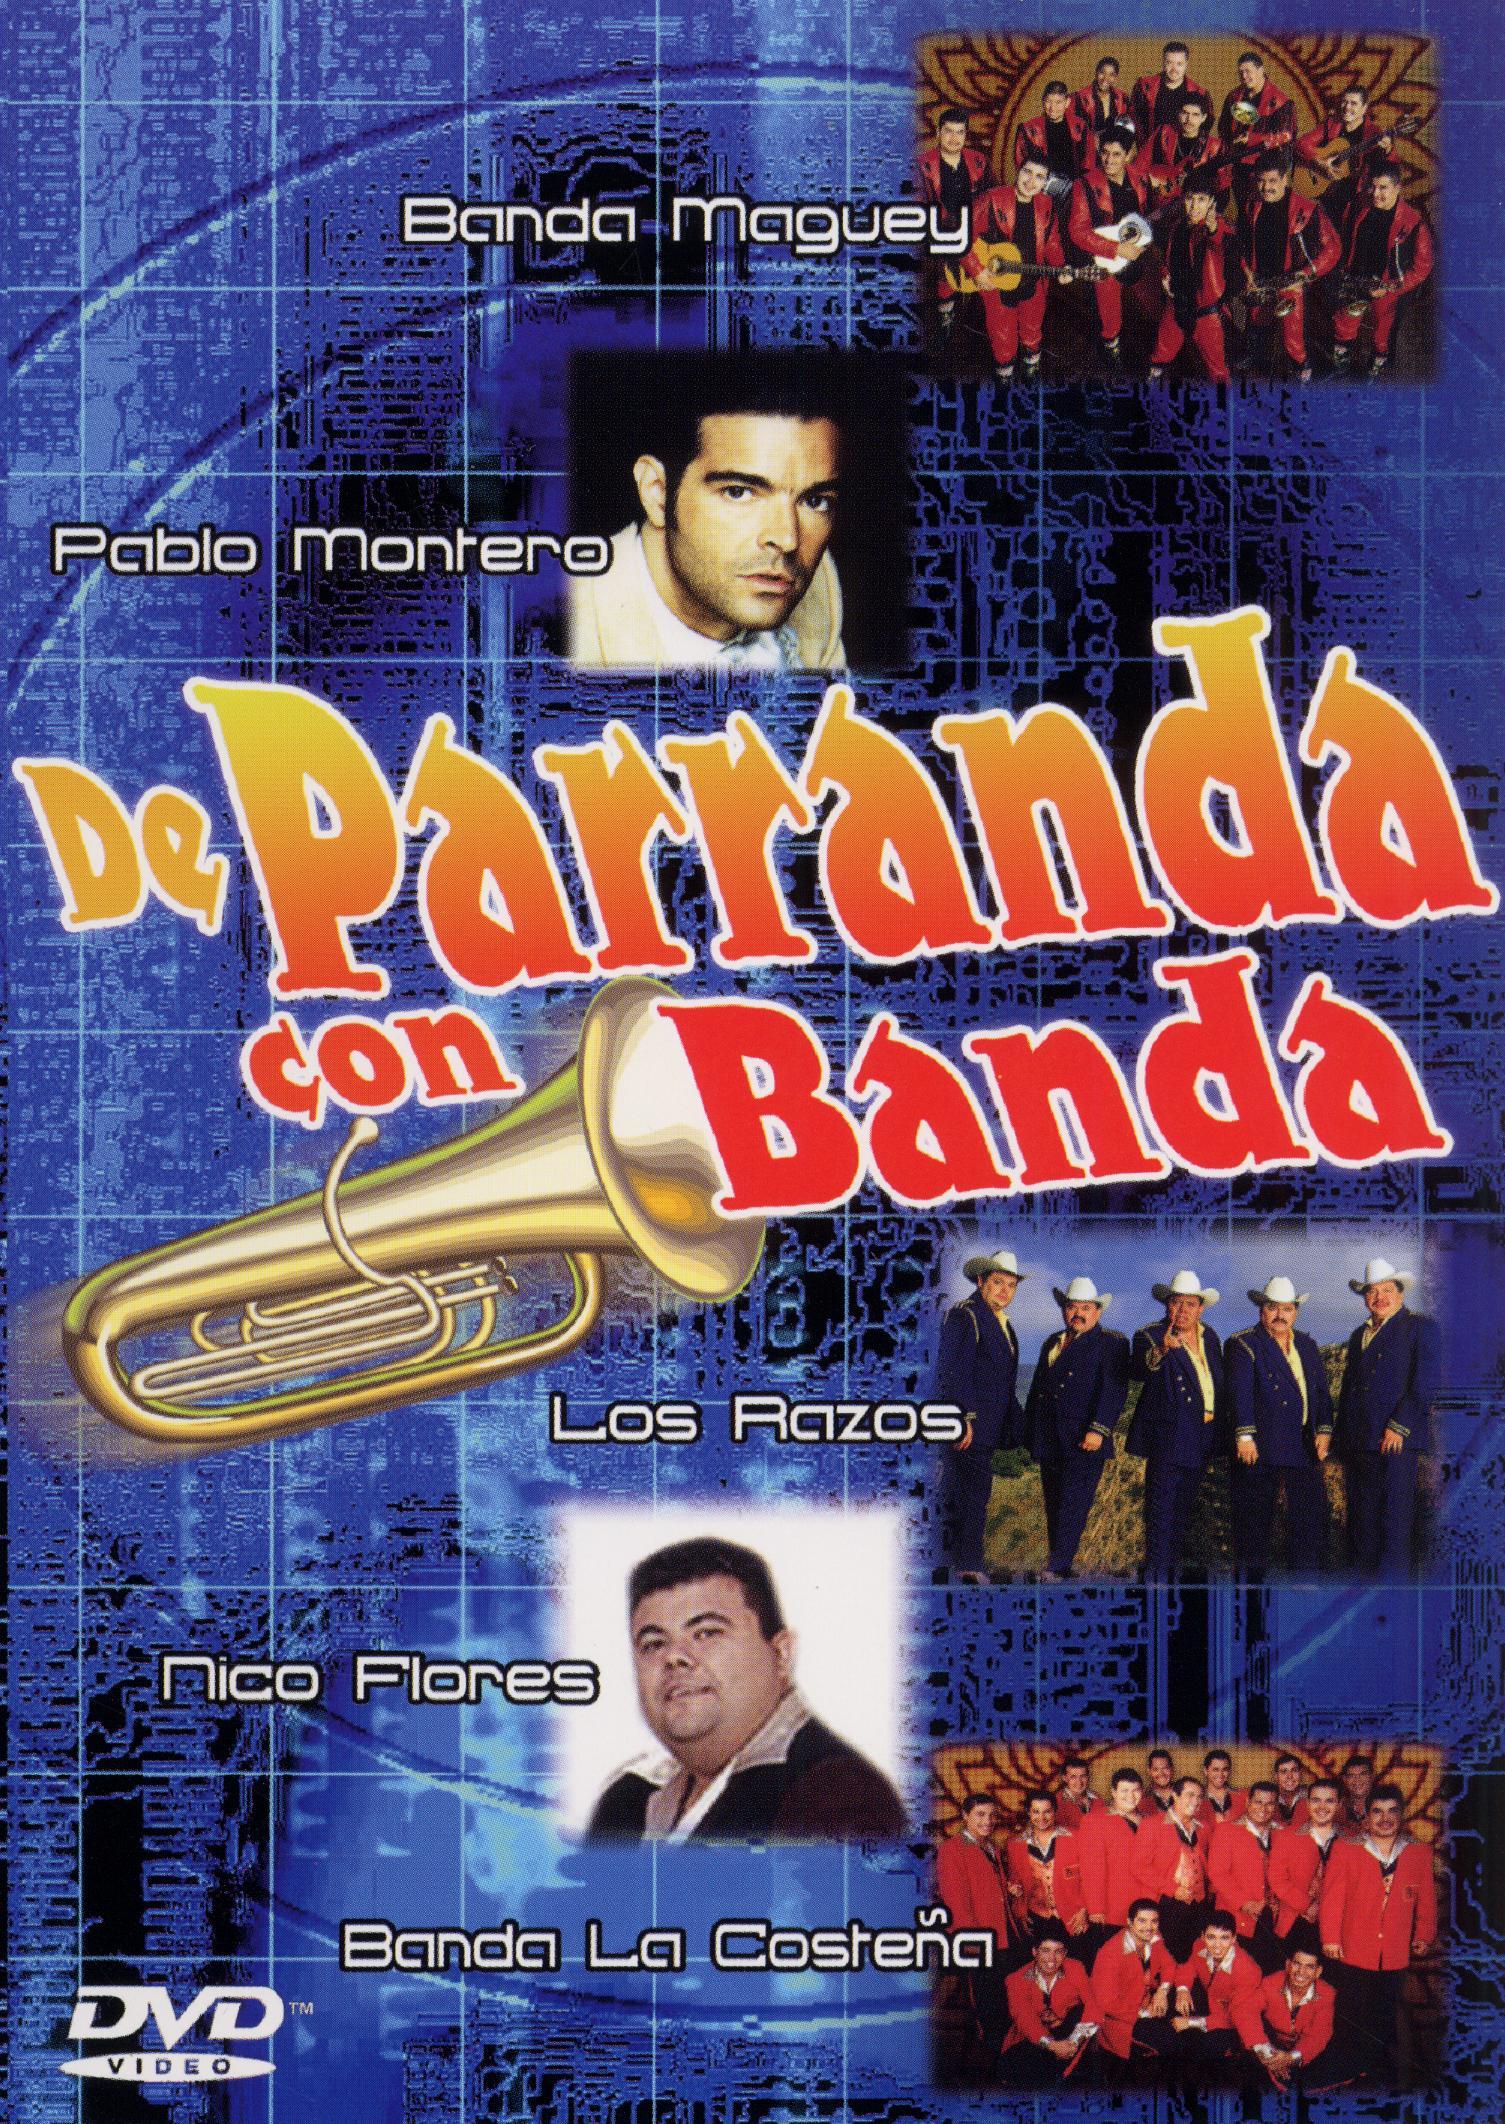 De Parranda con Banda